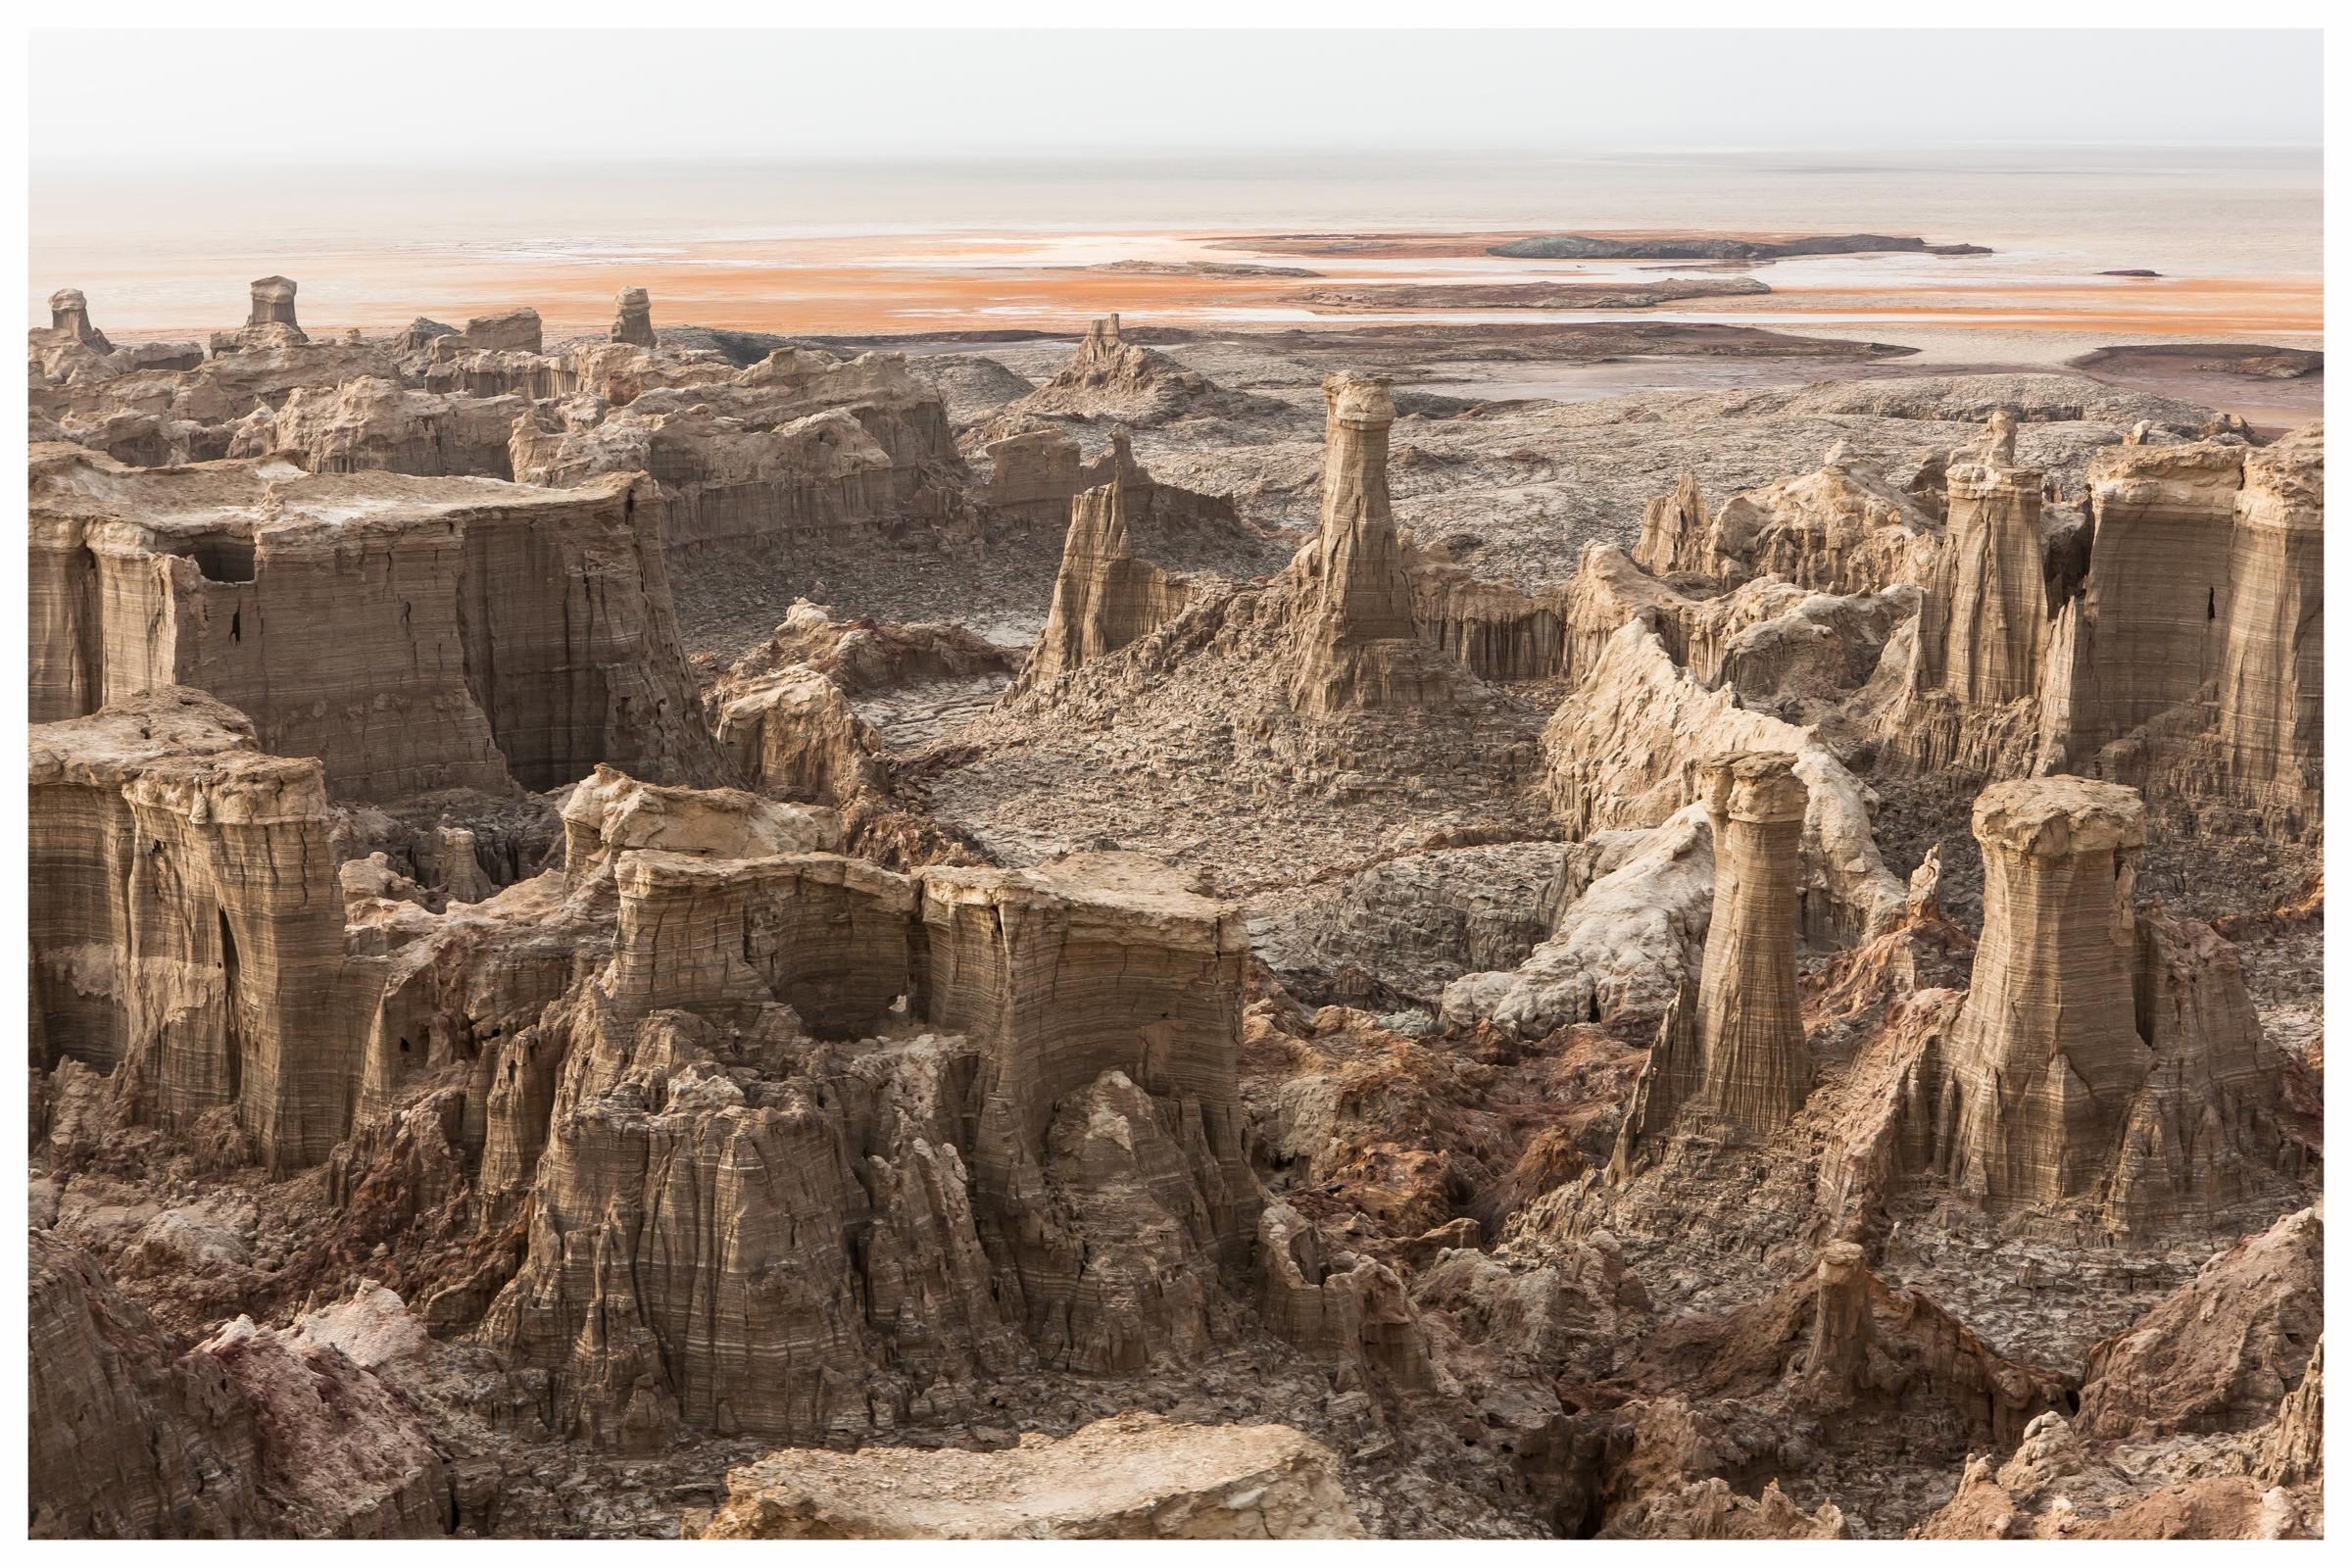 Äthiopien Tradition, Geschichte & beeindruckende Landschaften - Reich an ethnologischer und landschaftlicher Vielfalt ist Äthiopien ein besonders faszinierendes Land: Ein Muss für jeden Besucher sind die geschichtsträchtigen koptischen Kirchen in Lalibela und die St. Georgis Kirche. Im Norden warten außerdem reizvolle Ziele wie die Simien-Berge, in denen Gelada-Paviane und die seltenen Äthiopischen Wölfe leben. Nahe des Grenzgebietes zu Eritrea liegt eine der menschenfeindlichsten aber auch faszinierendsten Gegenden unseres Planeten: die Danakil-Senke mit den Schwefelquellen von Dallol und dem Lavasee des Erta Ale. Im Süden des Landes gibt es immer noch einige Naturvölker, die am Rande der Zivilisation ihre jahrtausendealten Traditionen zu bewahren und gleichzeitig den Anschluss zur Gegenwart zu finden versuchen. Touristisch ist Äthiopien immer noch weitgehend Entwicklungsland und die Infrastruktur relativ begrenzt. Es empfiehlt sich deswegen unbedingt ein Helikopter als Reisemittel, um die Schönheit dieses Landes in vollem Ausmaß bestaunen und begreifen zu können.